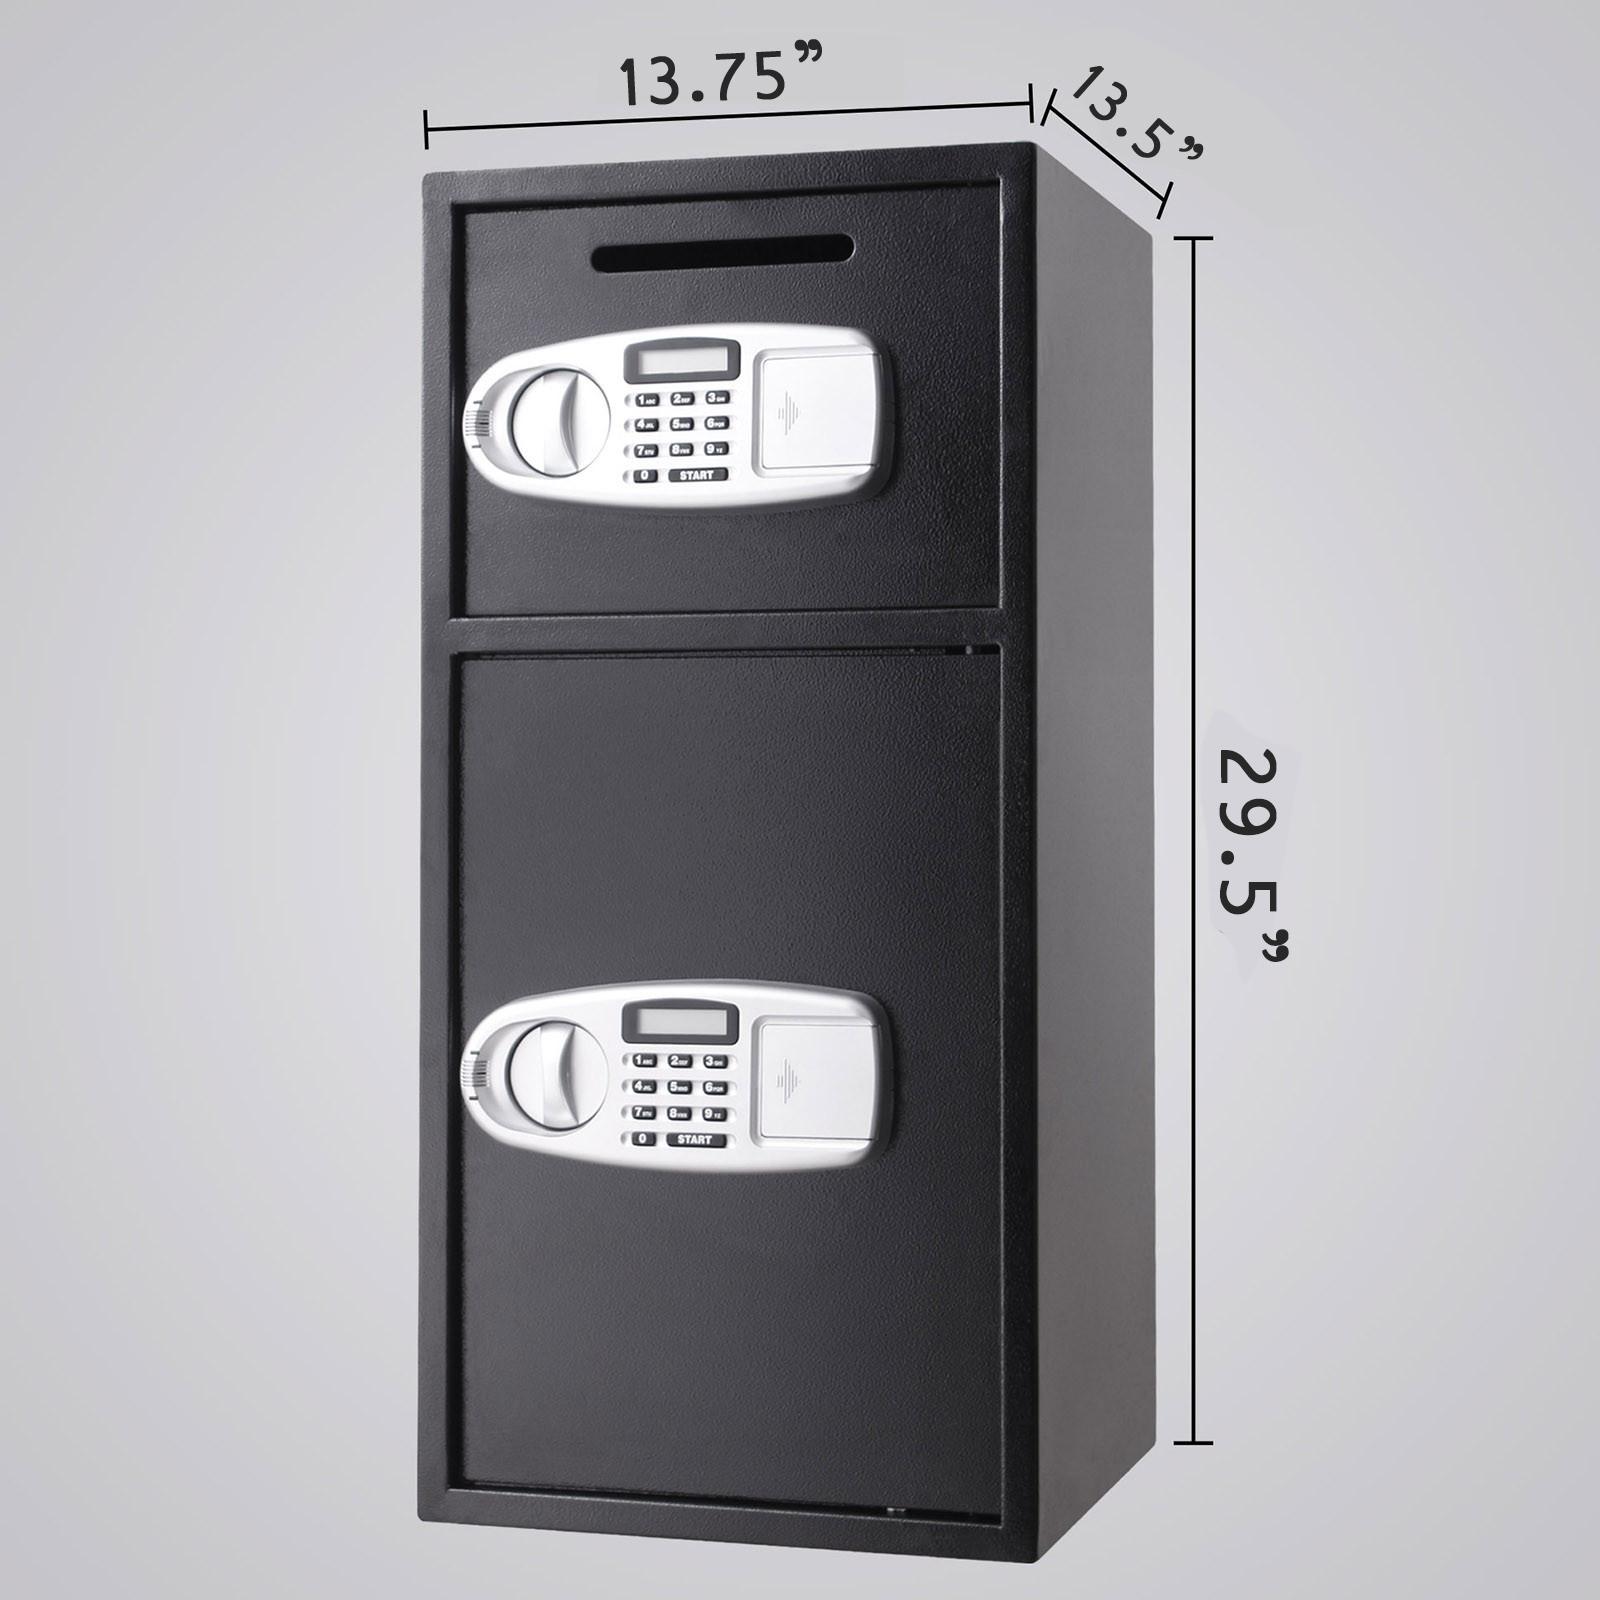 doppelt r tresore safe digital schl ssel wandsafe. Black Bedroom Furniture Sets. Home Design Ideas